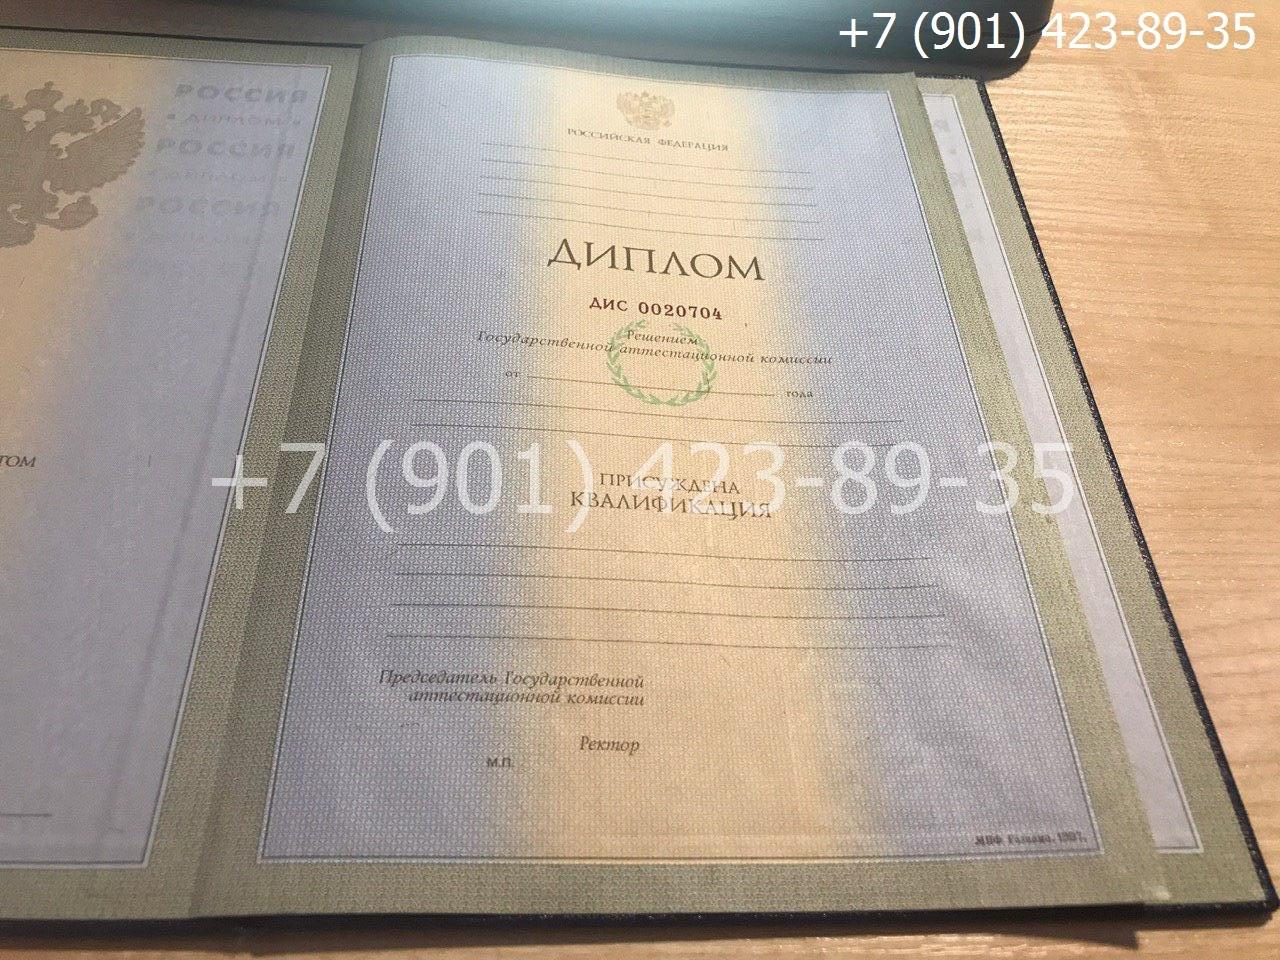 Диплом специалиста 1997-2002 годов, старого образца, титульный лист